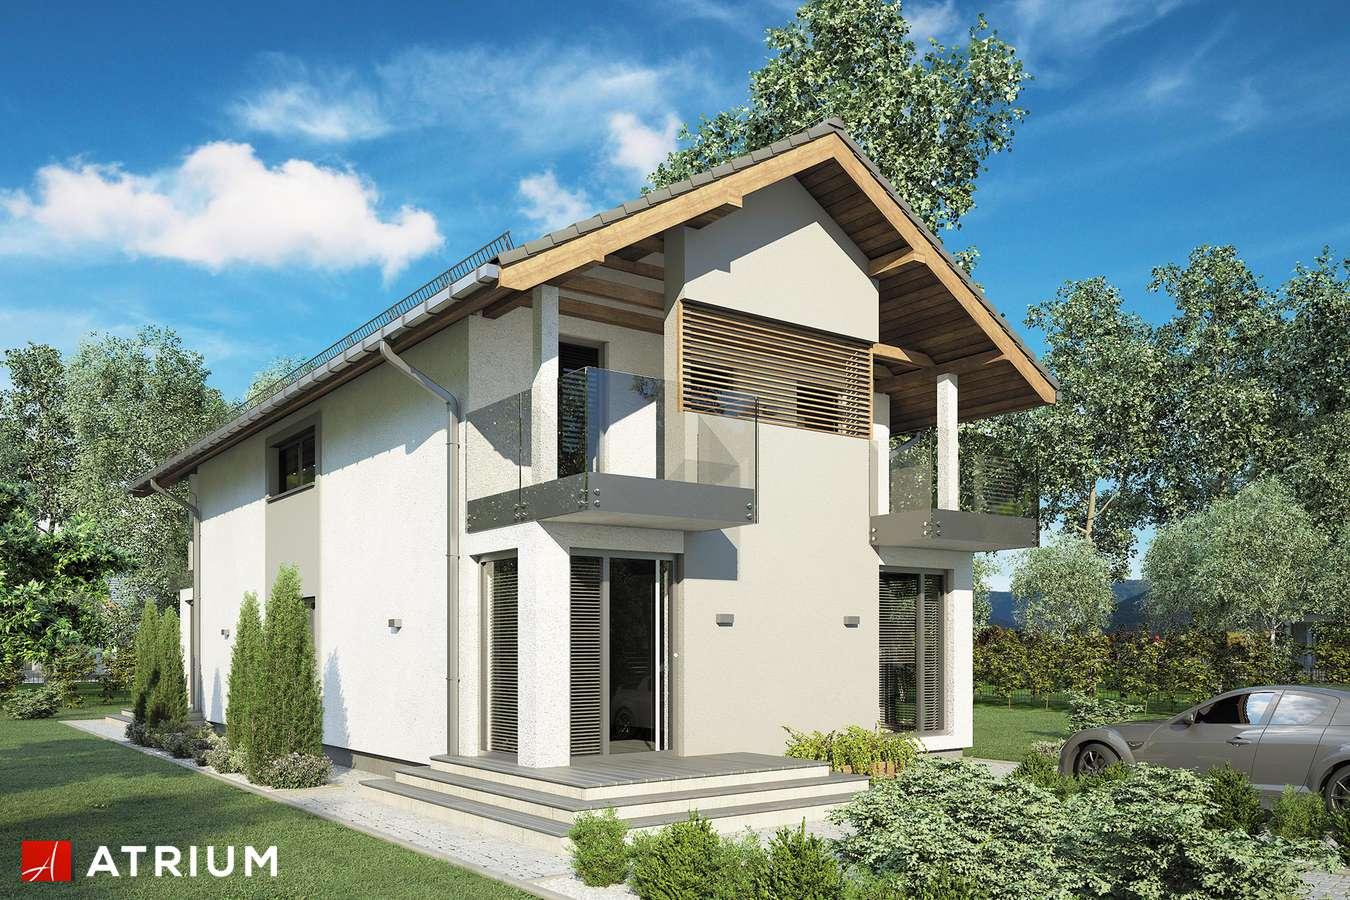 Projekty domów - Projekt domu piętrowego GARDA III - wizualizacja 1